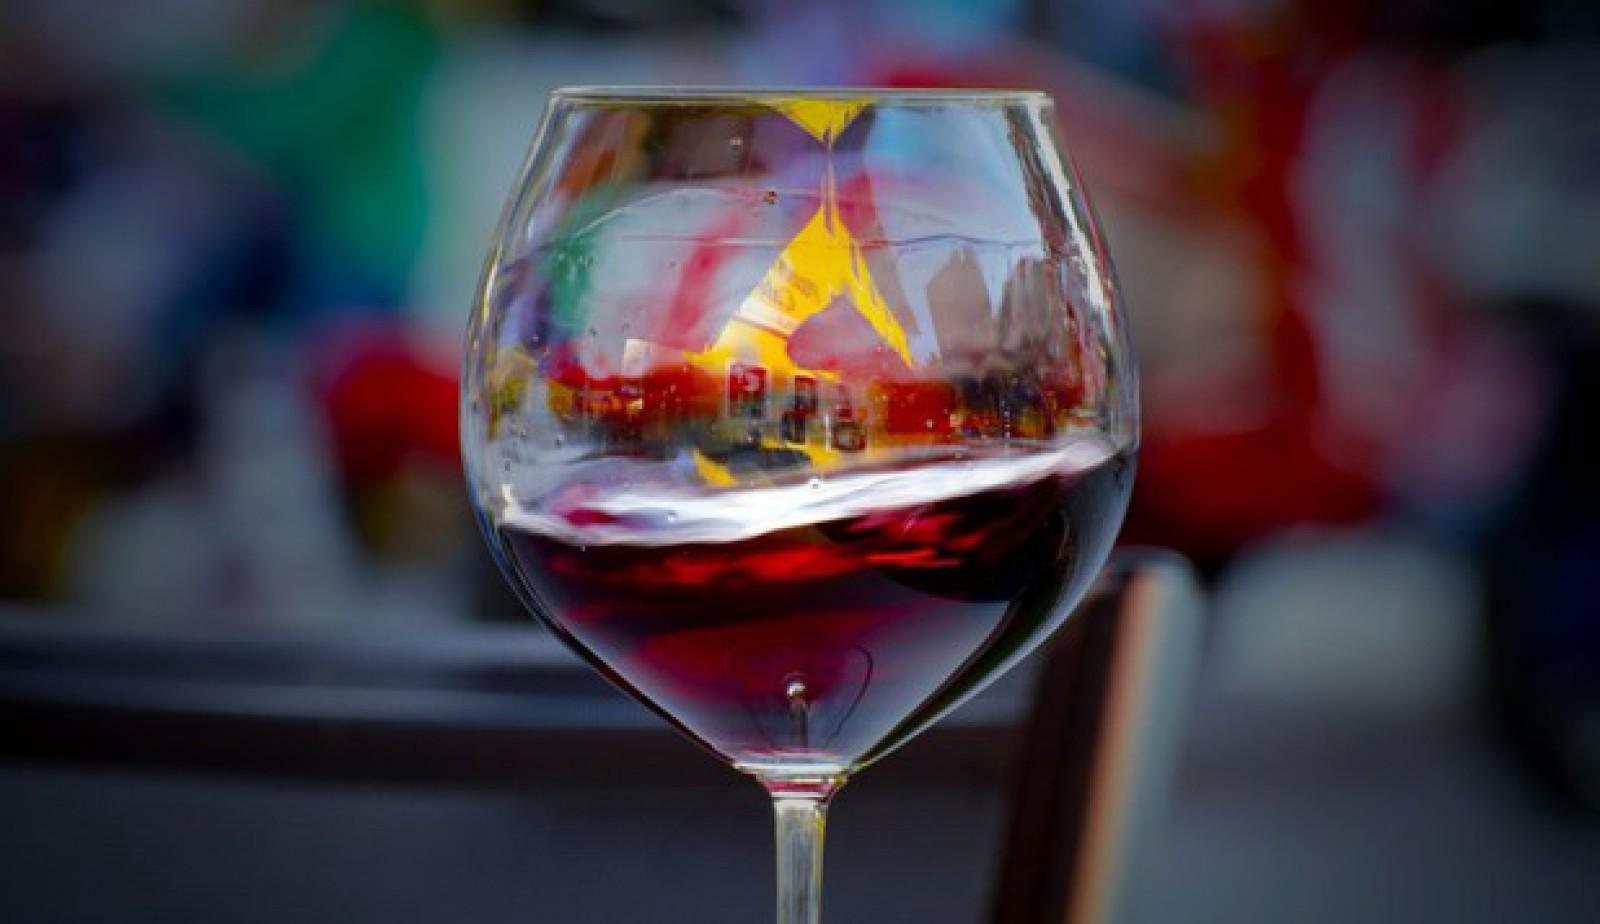 Alcoolul nu este în totalitate dăunător. Un nou studiu scoate la iveală că, în cantităţi mici, acesta poate fi benefic pentru creier